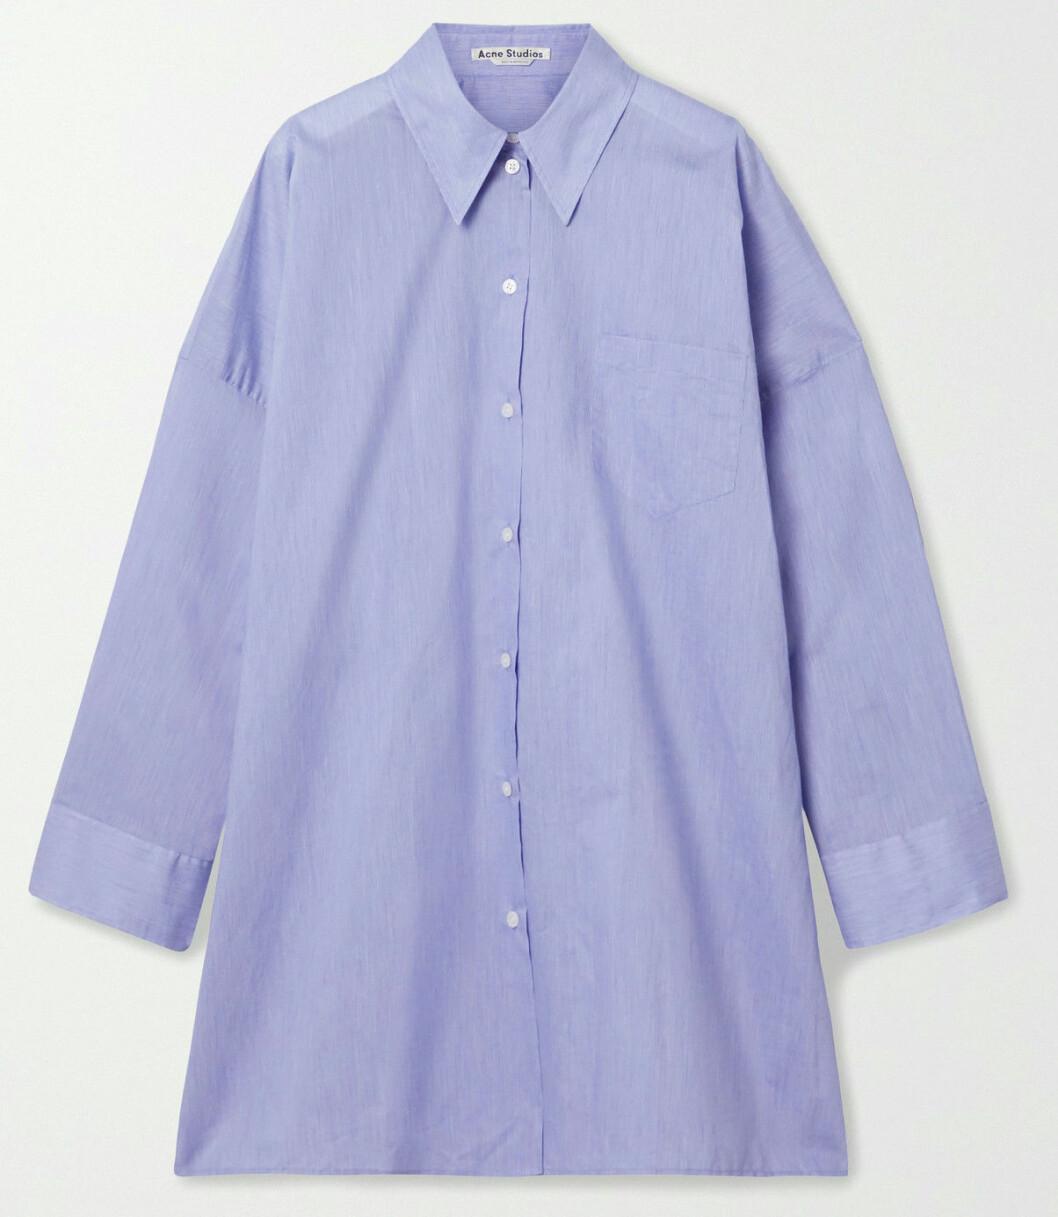 Randig boyfriend skjorta i oversized modell från Acne Studios